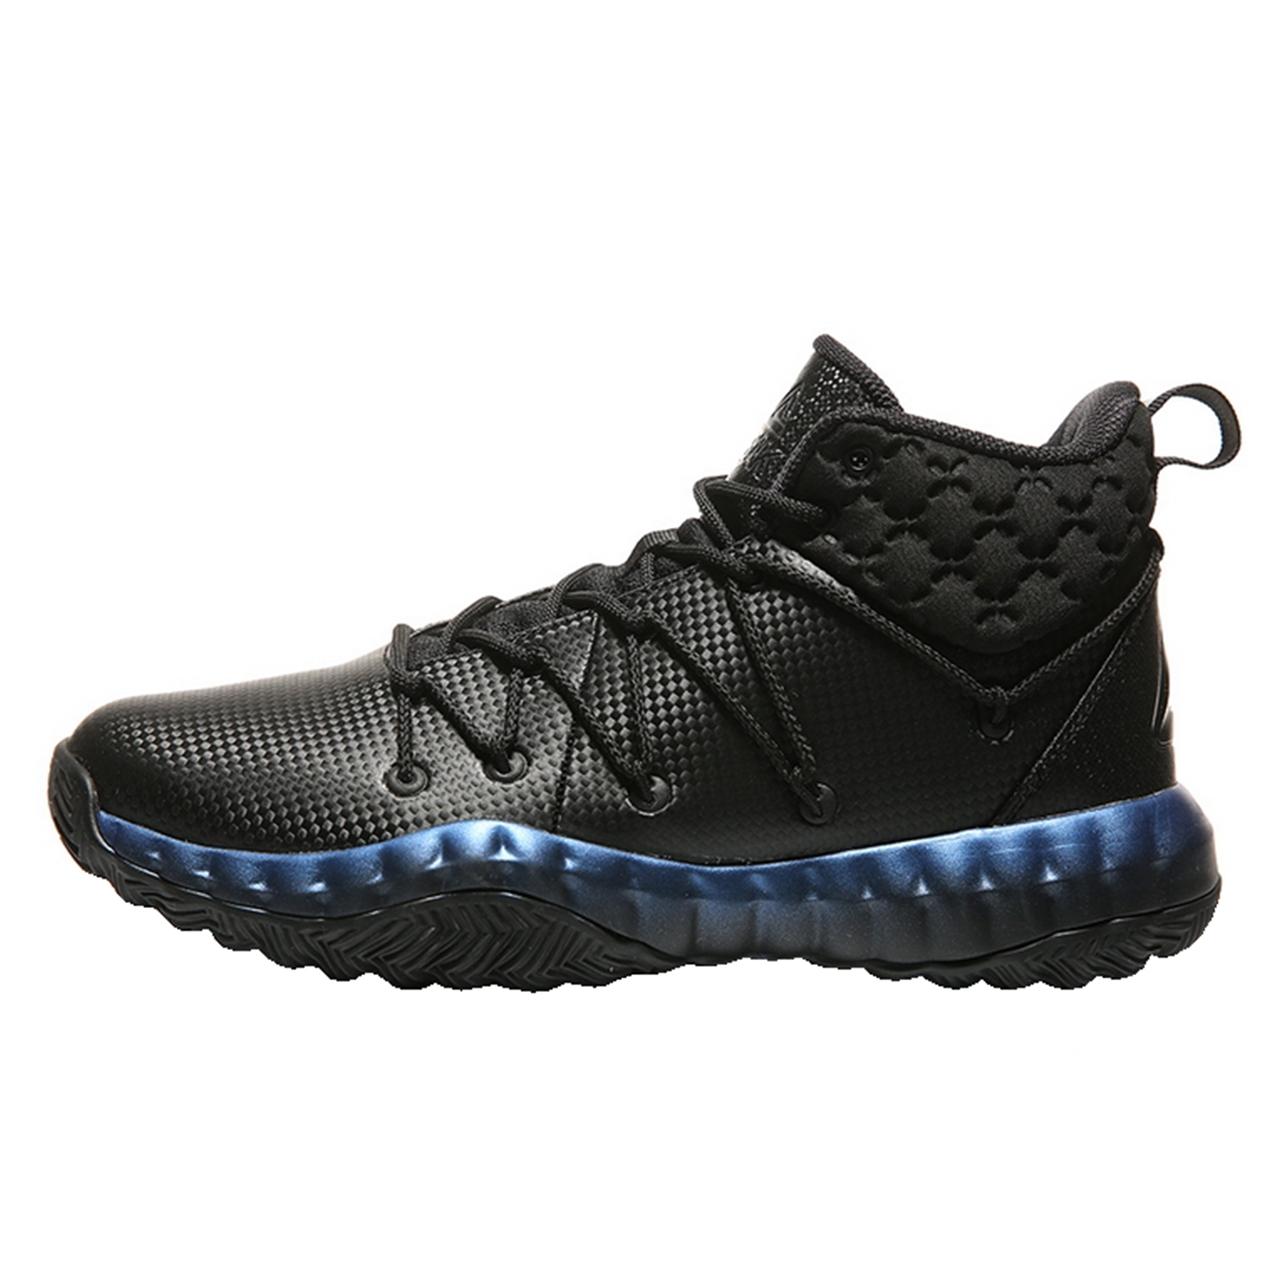 کفش بسکتبال مردانه پیک مدل  E94151A کد 04